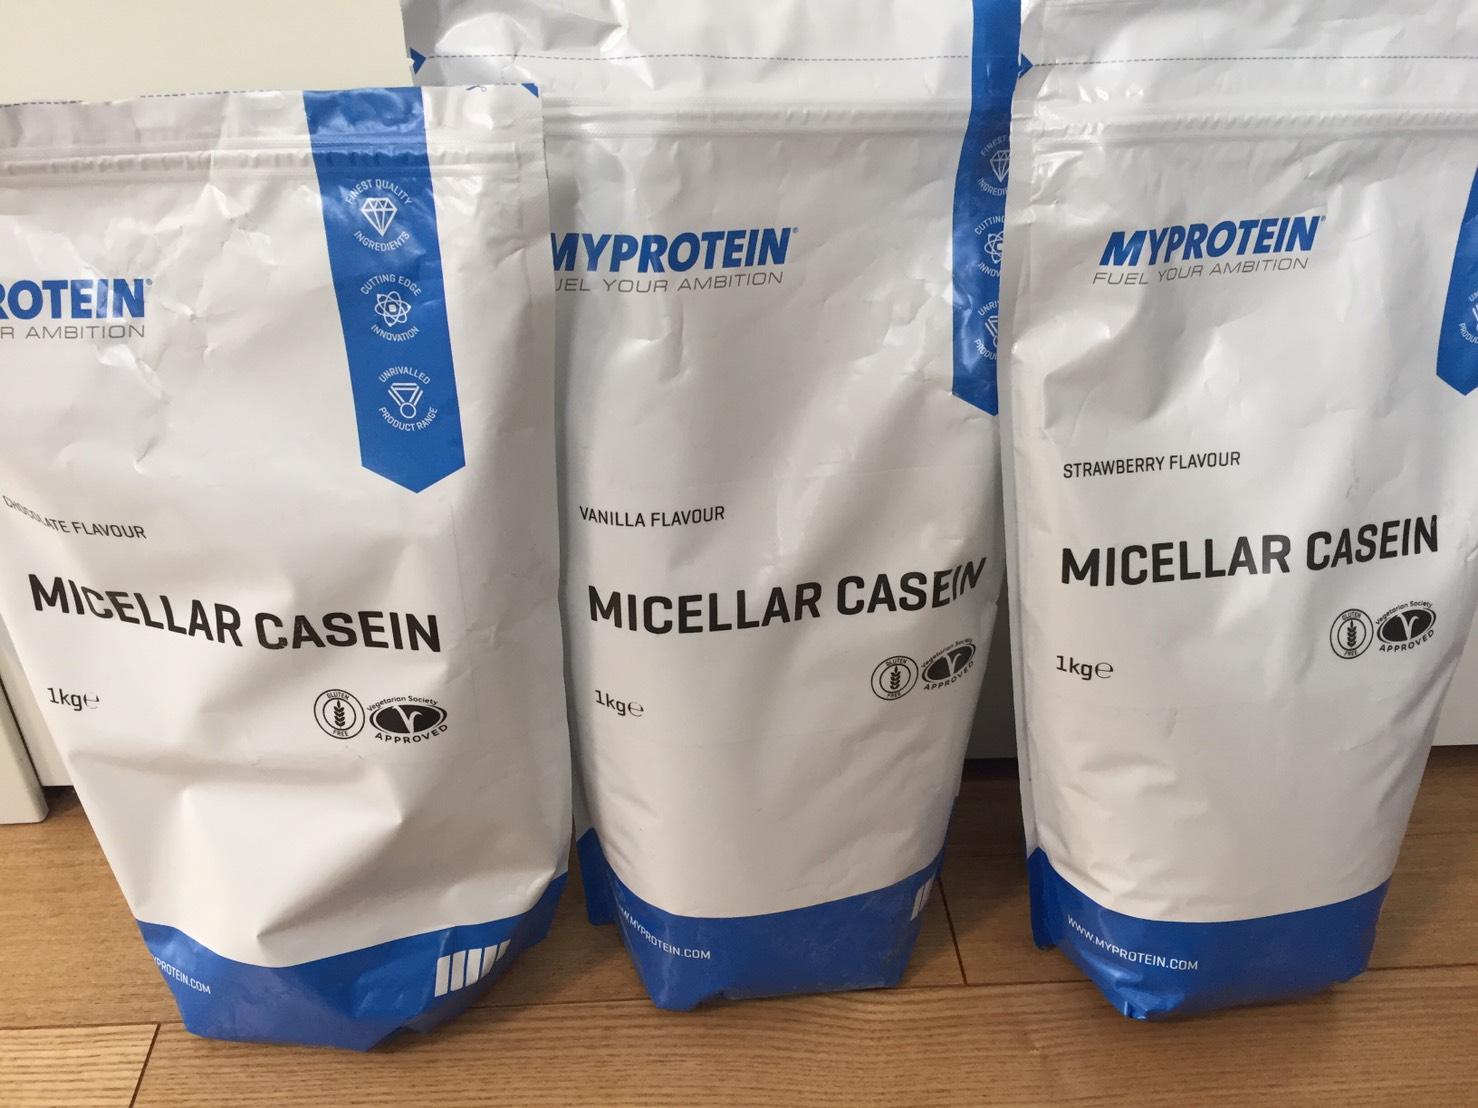 マイプロテインの「カゼインミセル」の成分表まとめ。就寝前に飲むプロテインと言われているが…